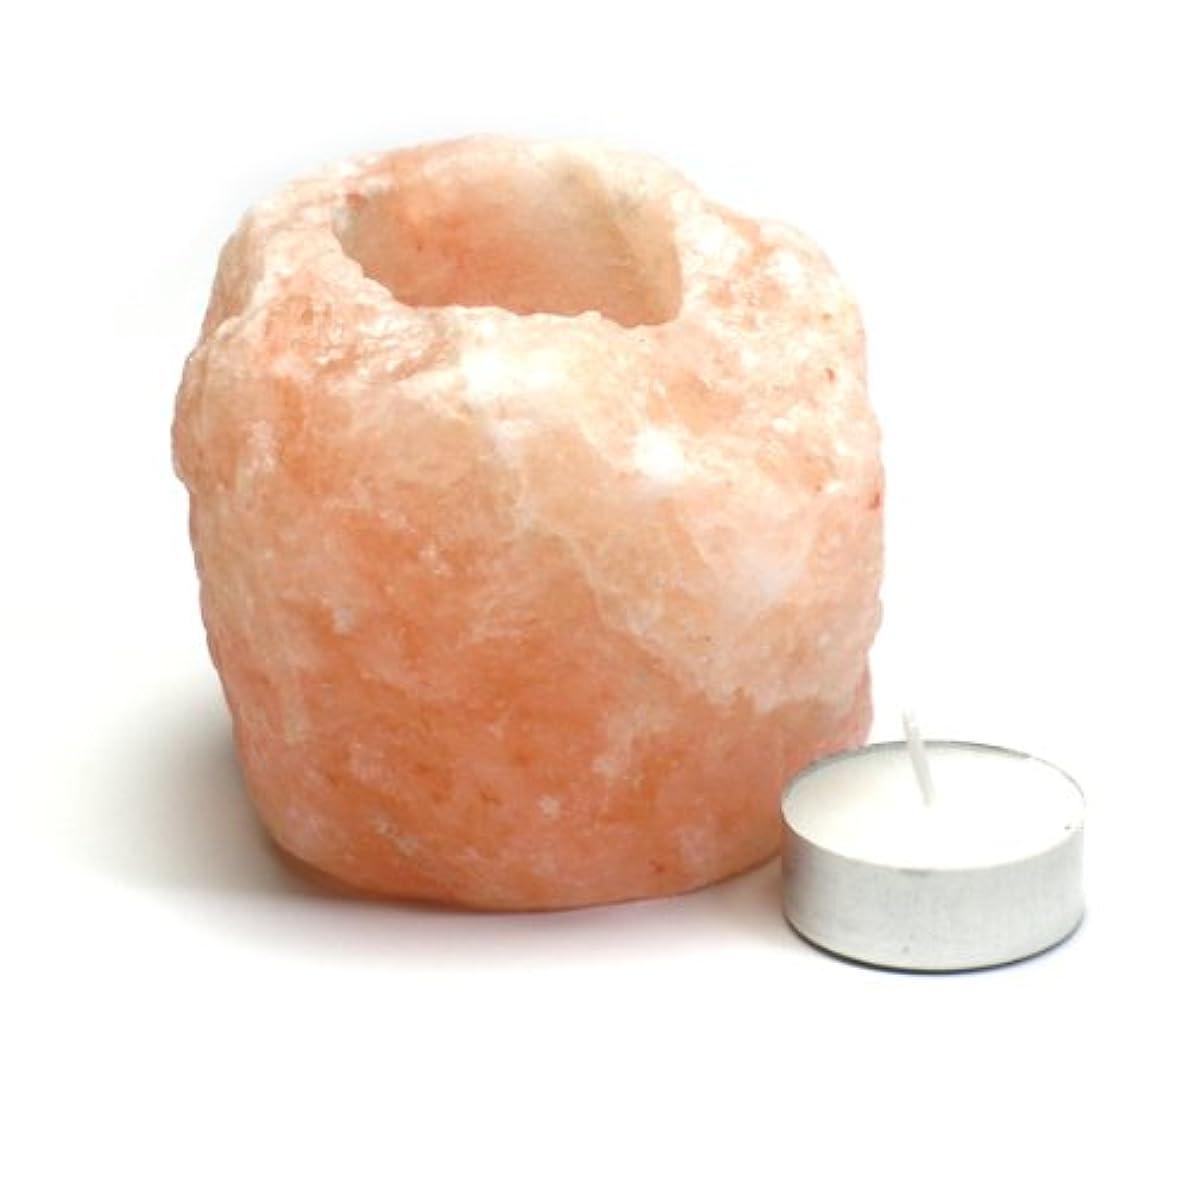 ハリケーン容器抑圧ヒマラヤ岩塩 キャンドルホルダー1~1.4kg ピンクソルトキャンドルスタンド ティーライト用 ランタン